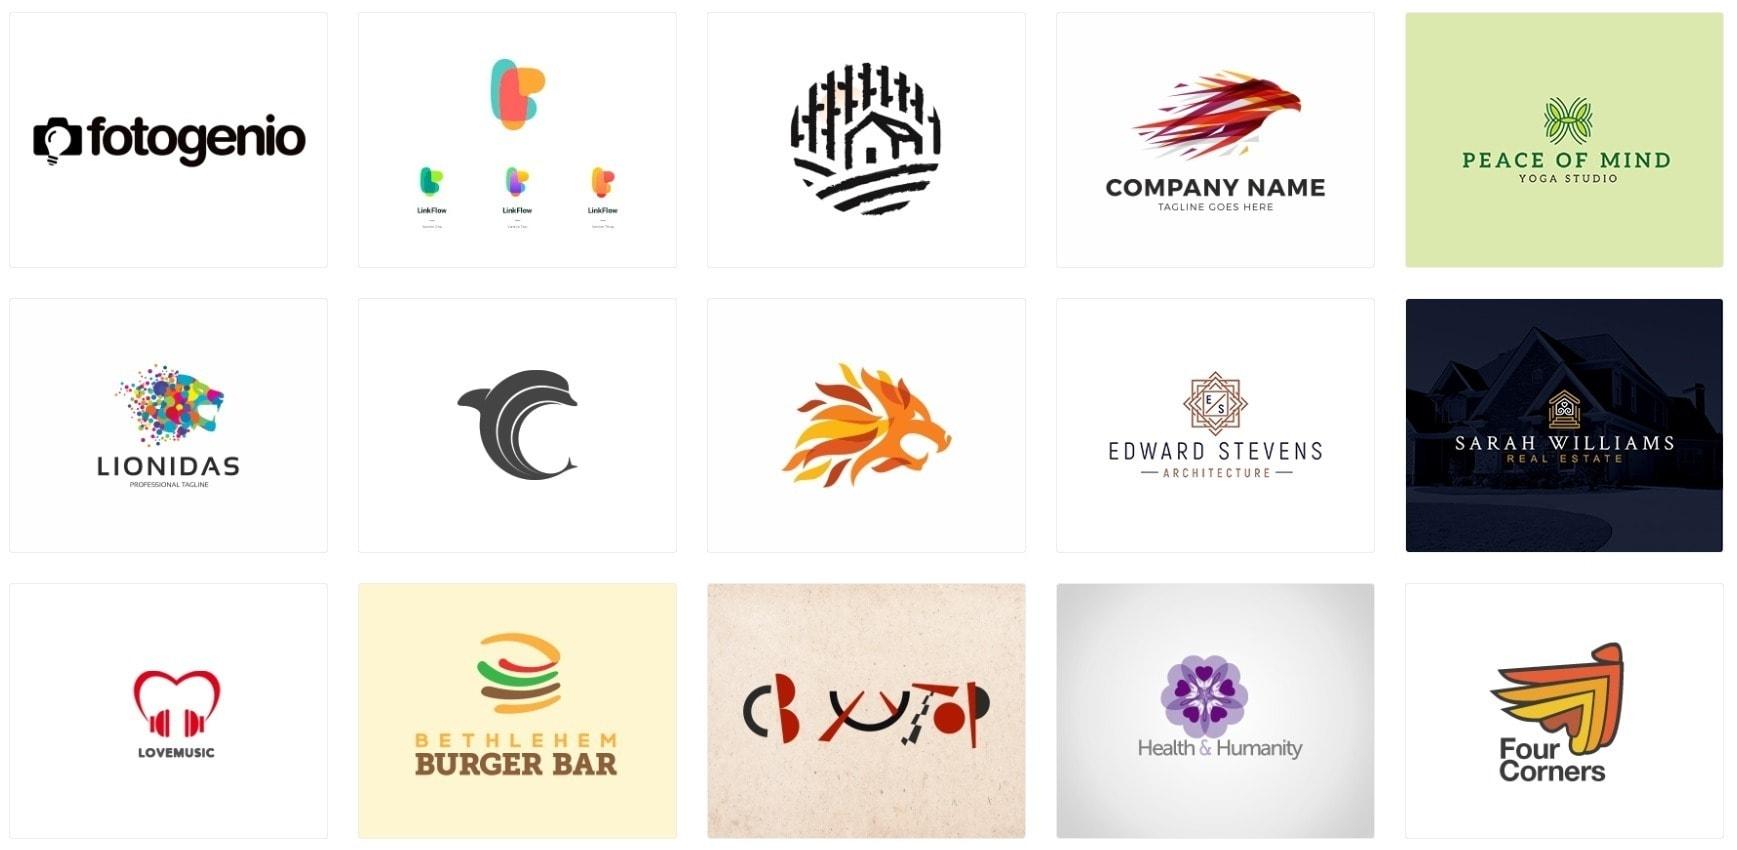 Logo Design Trends - Pseudo-Abstract Logos